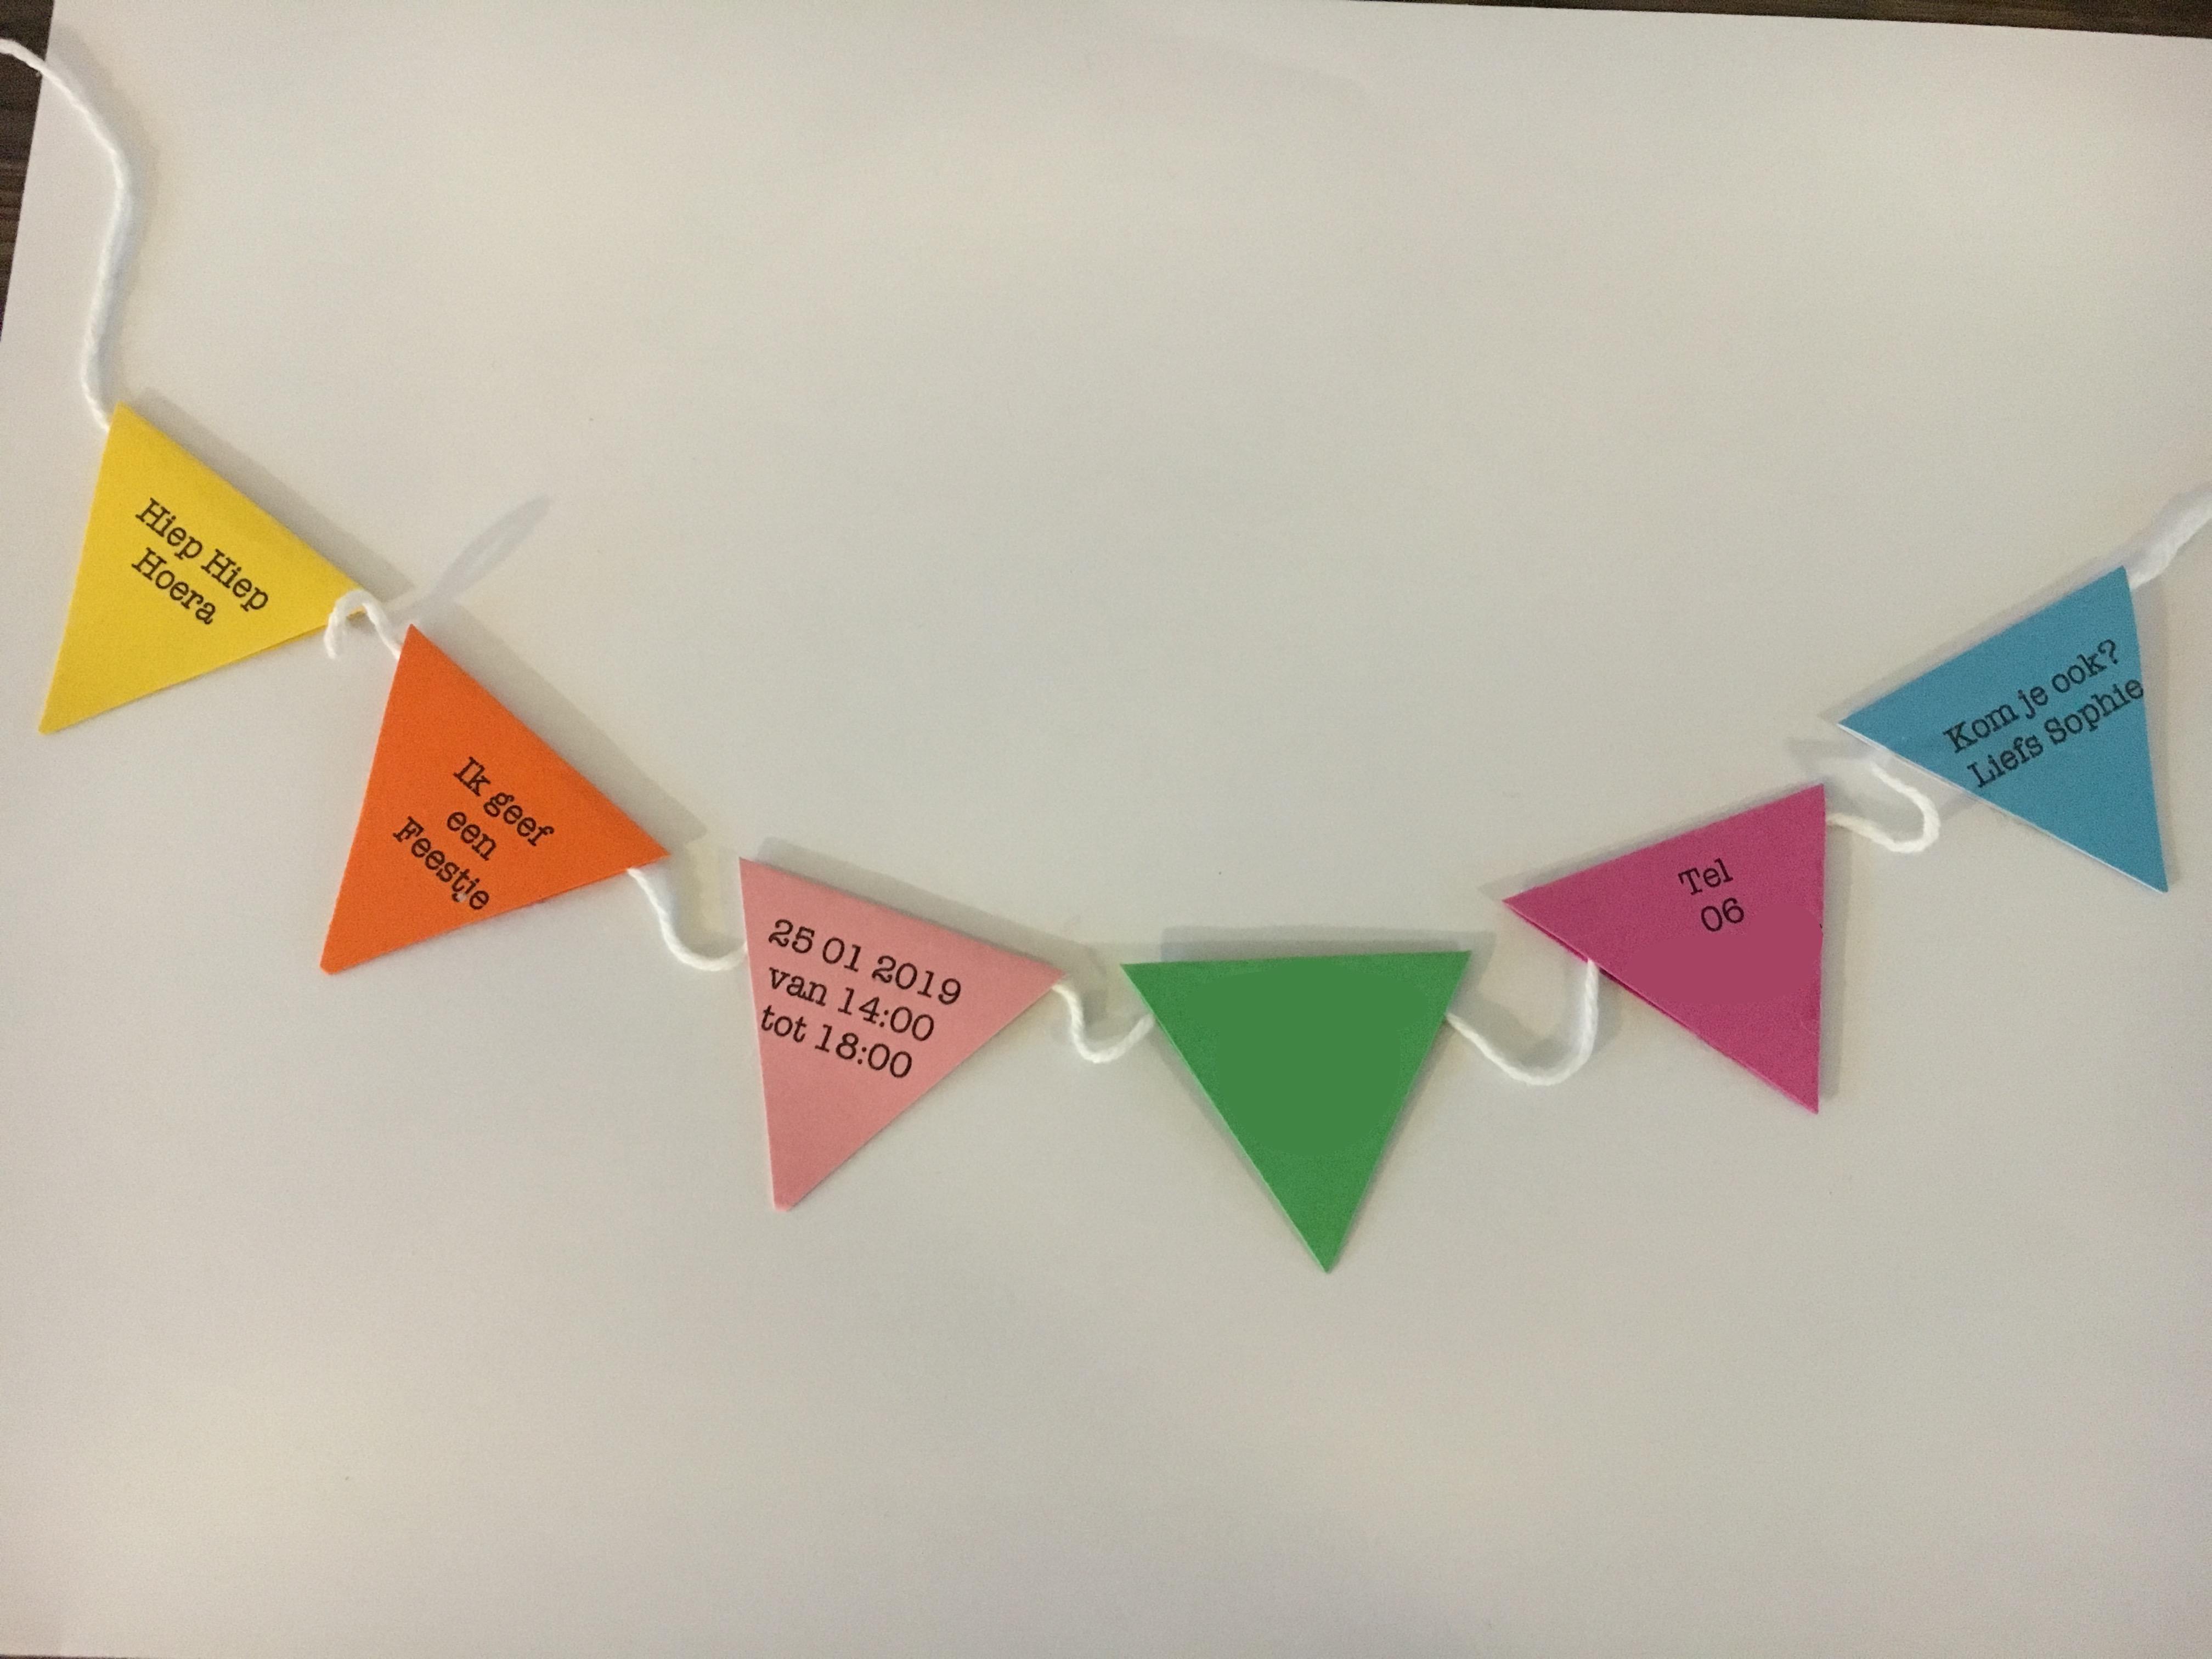 Favoriete Uitnodiging kinderfeestje vlaggetjes vlaggenlijn origineel zelf @HH76